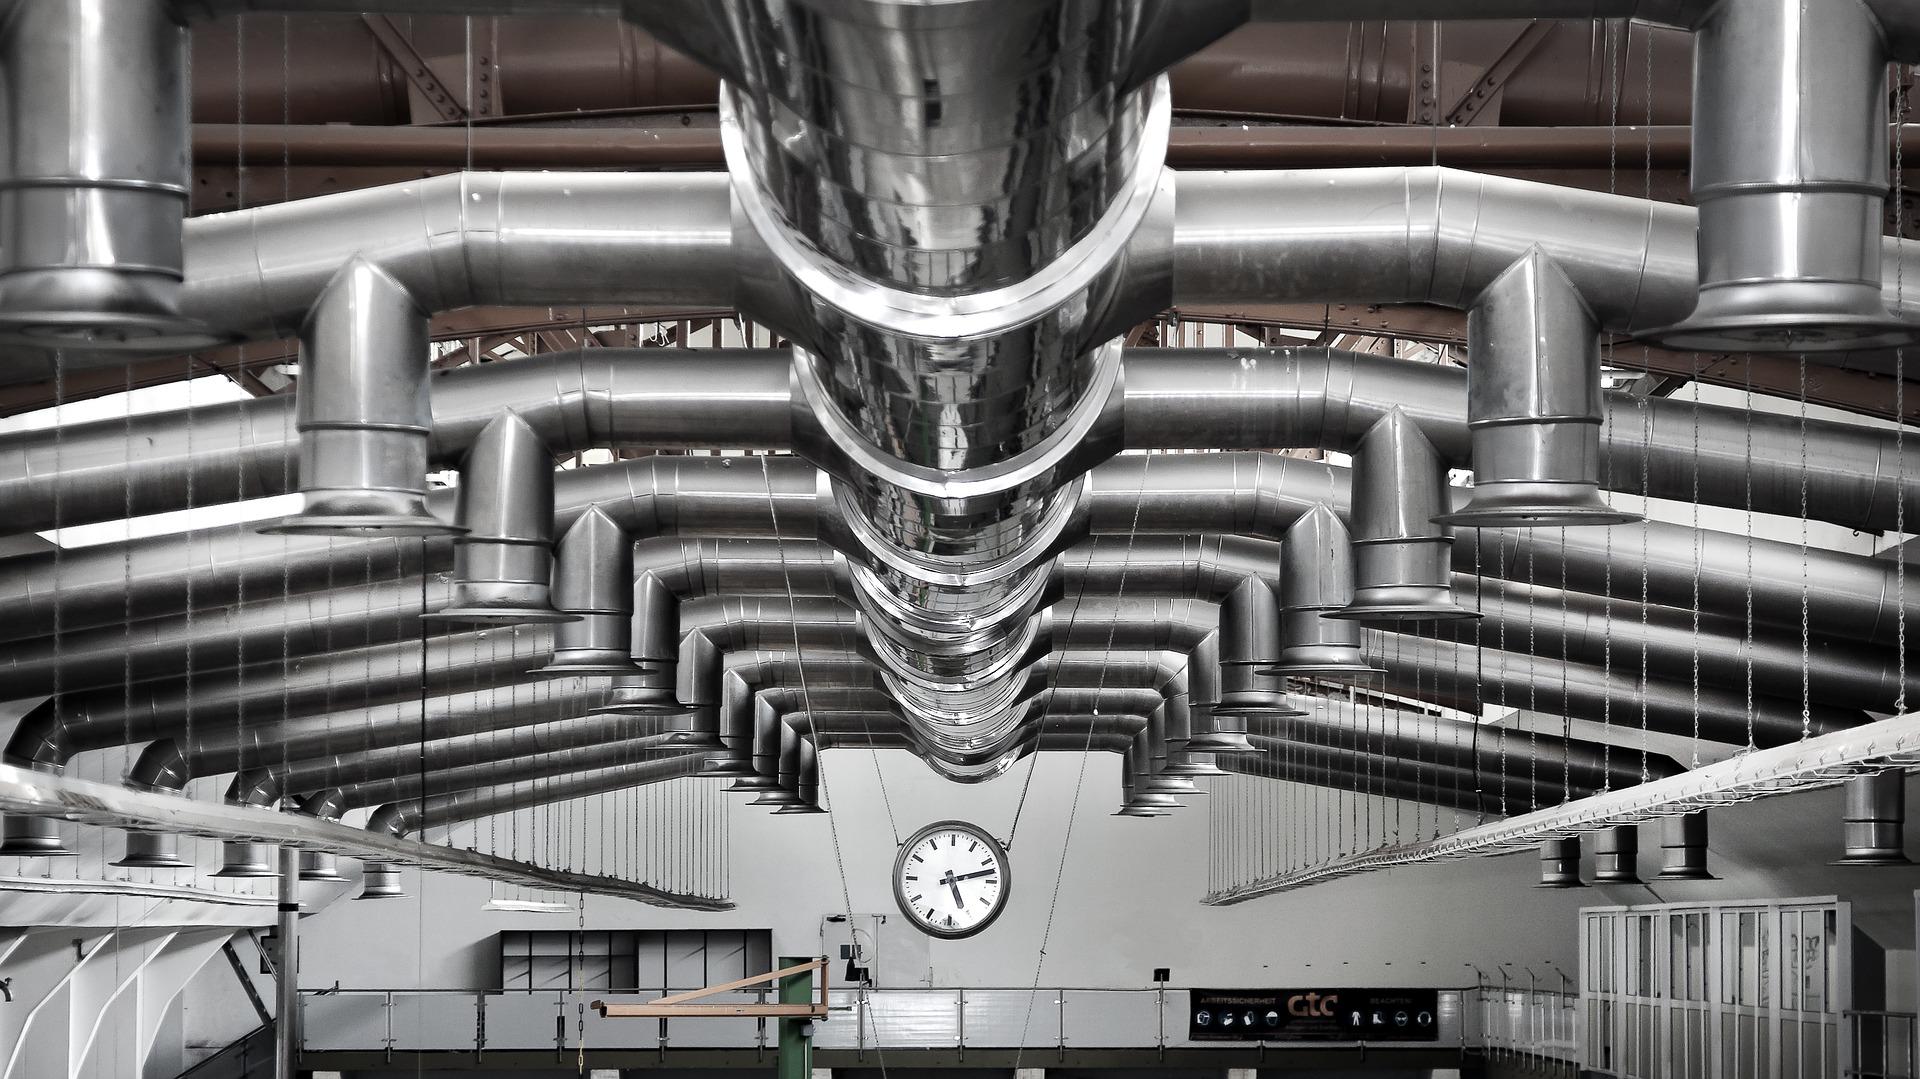 Instalaciones de ventilación y de extracción de humos